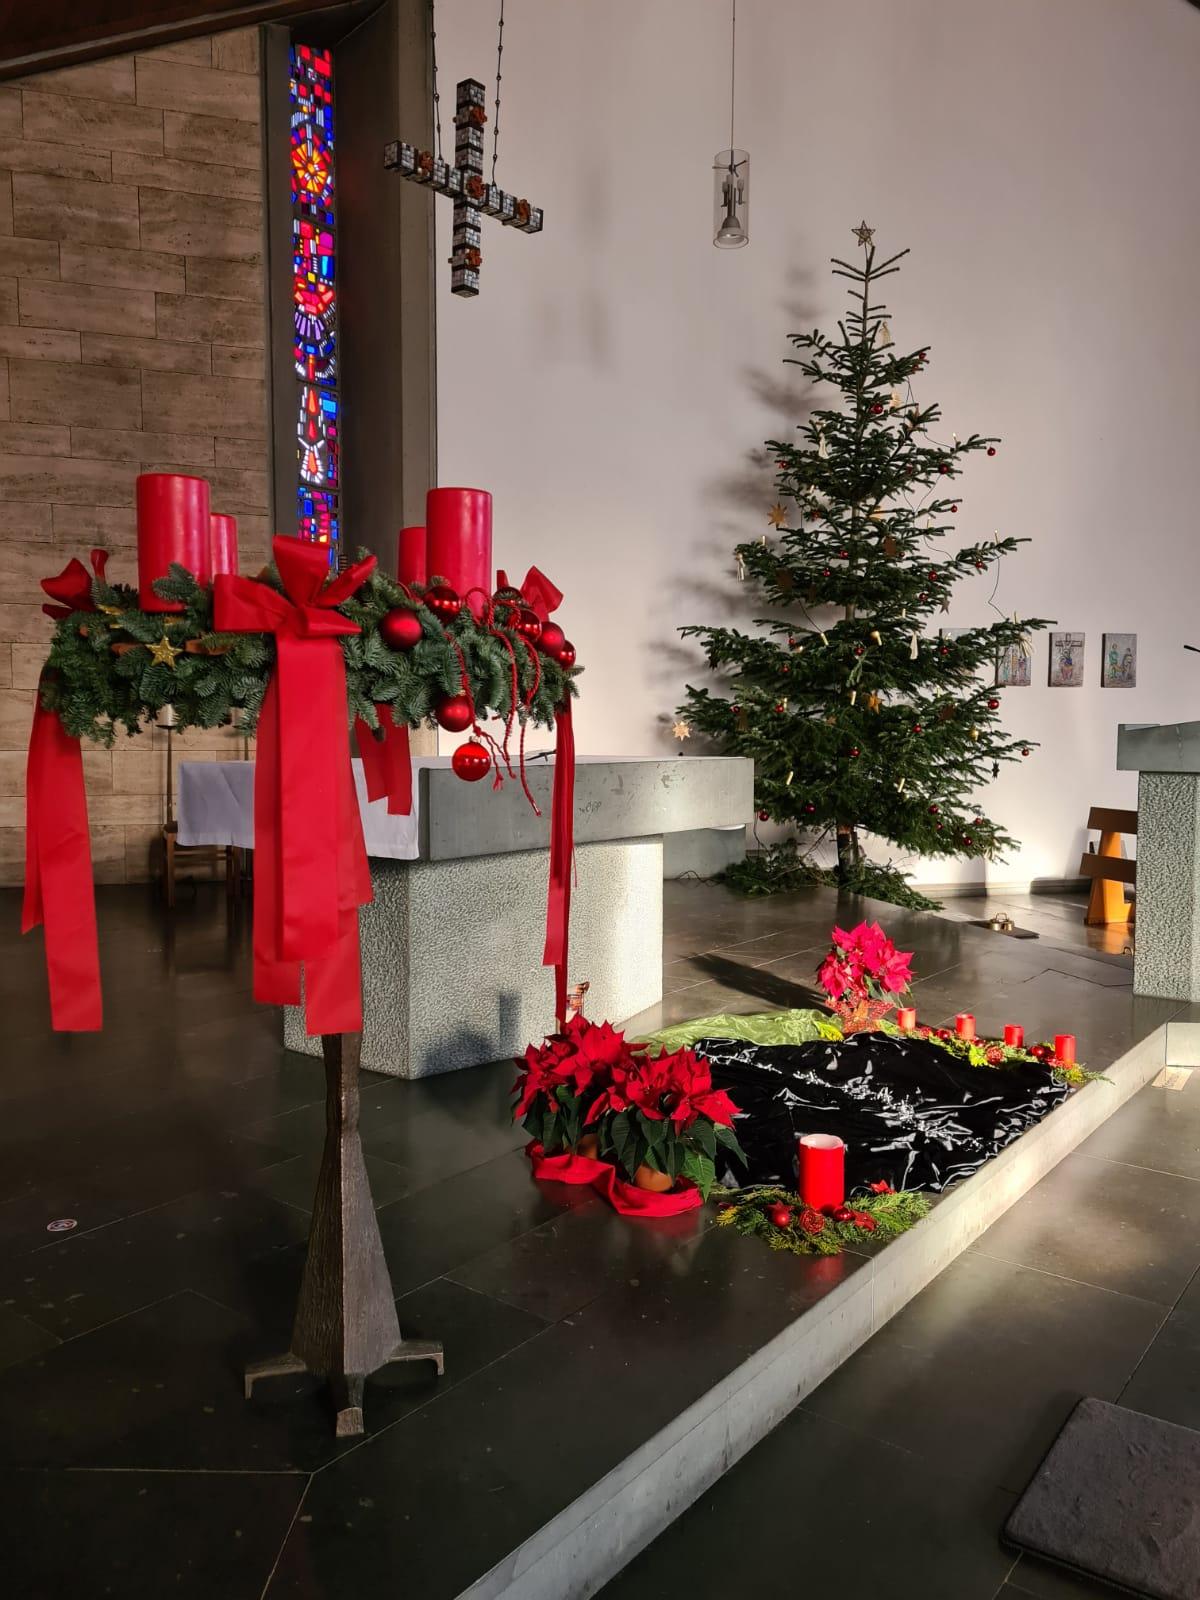 Blick auf Adventskranz, Altar und Weihnachtsbaum. Foto: Nils Henscheid